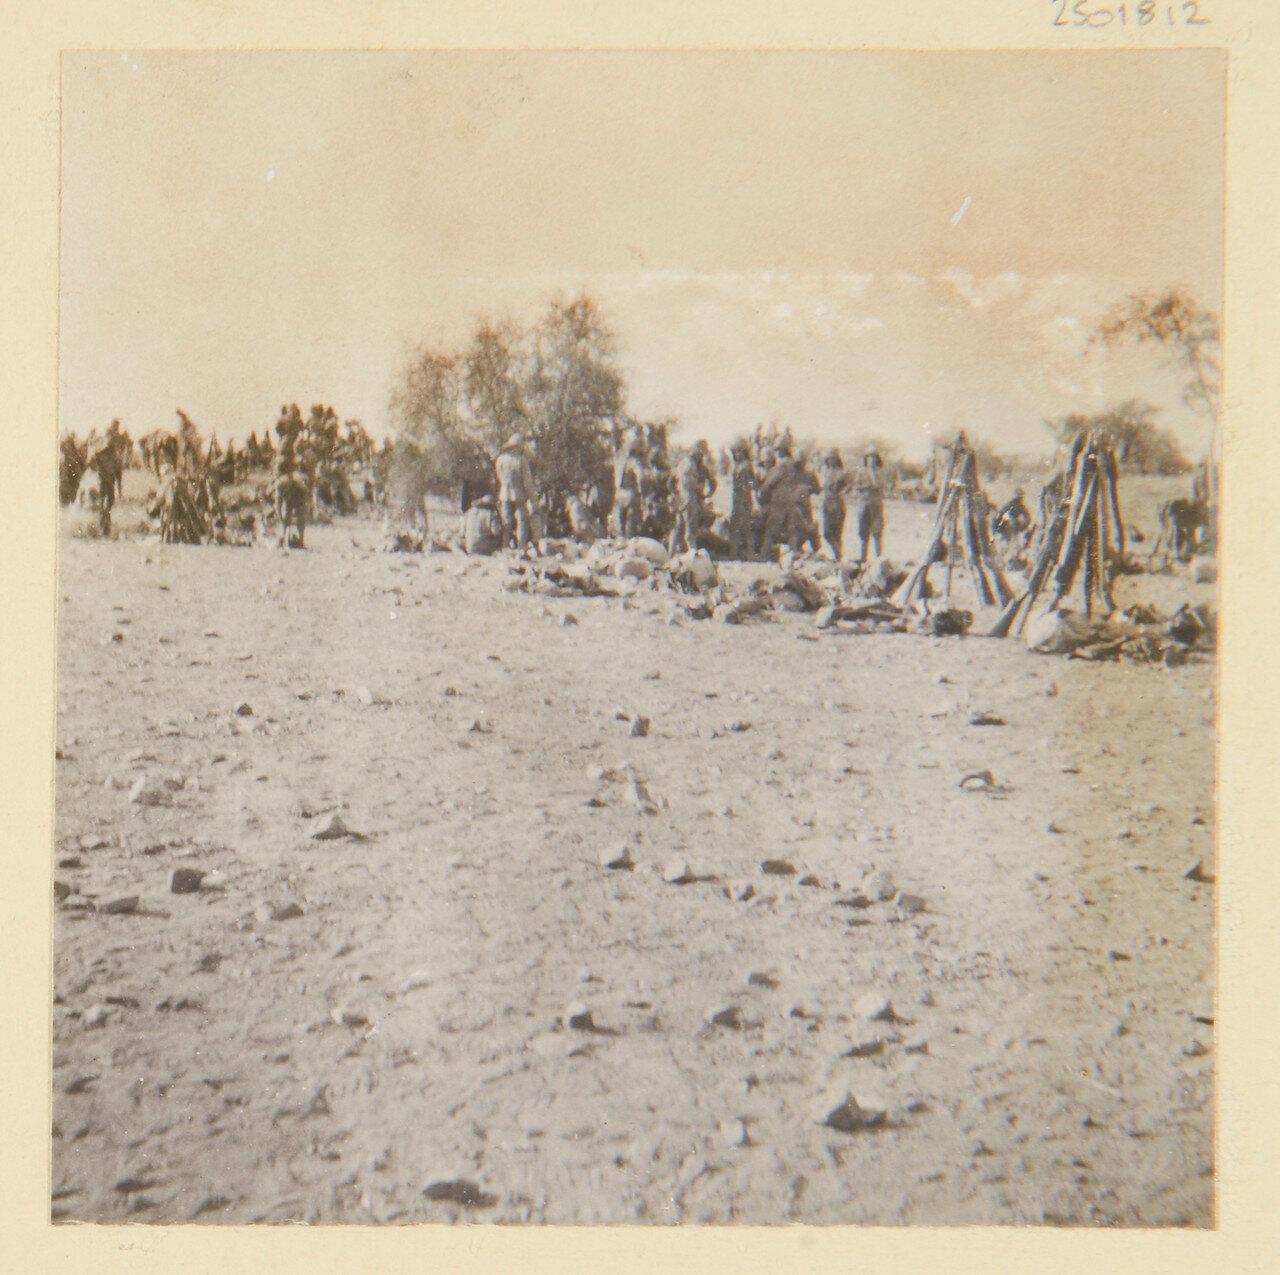 25-31 августа 1898. Бивуак в Эль-Хаджаре